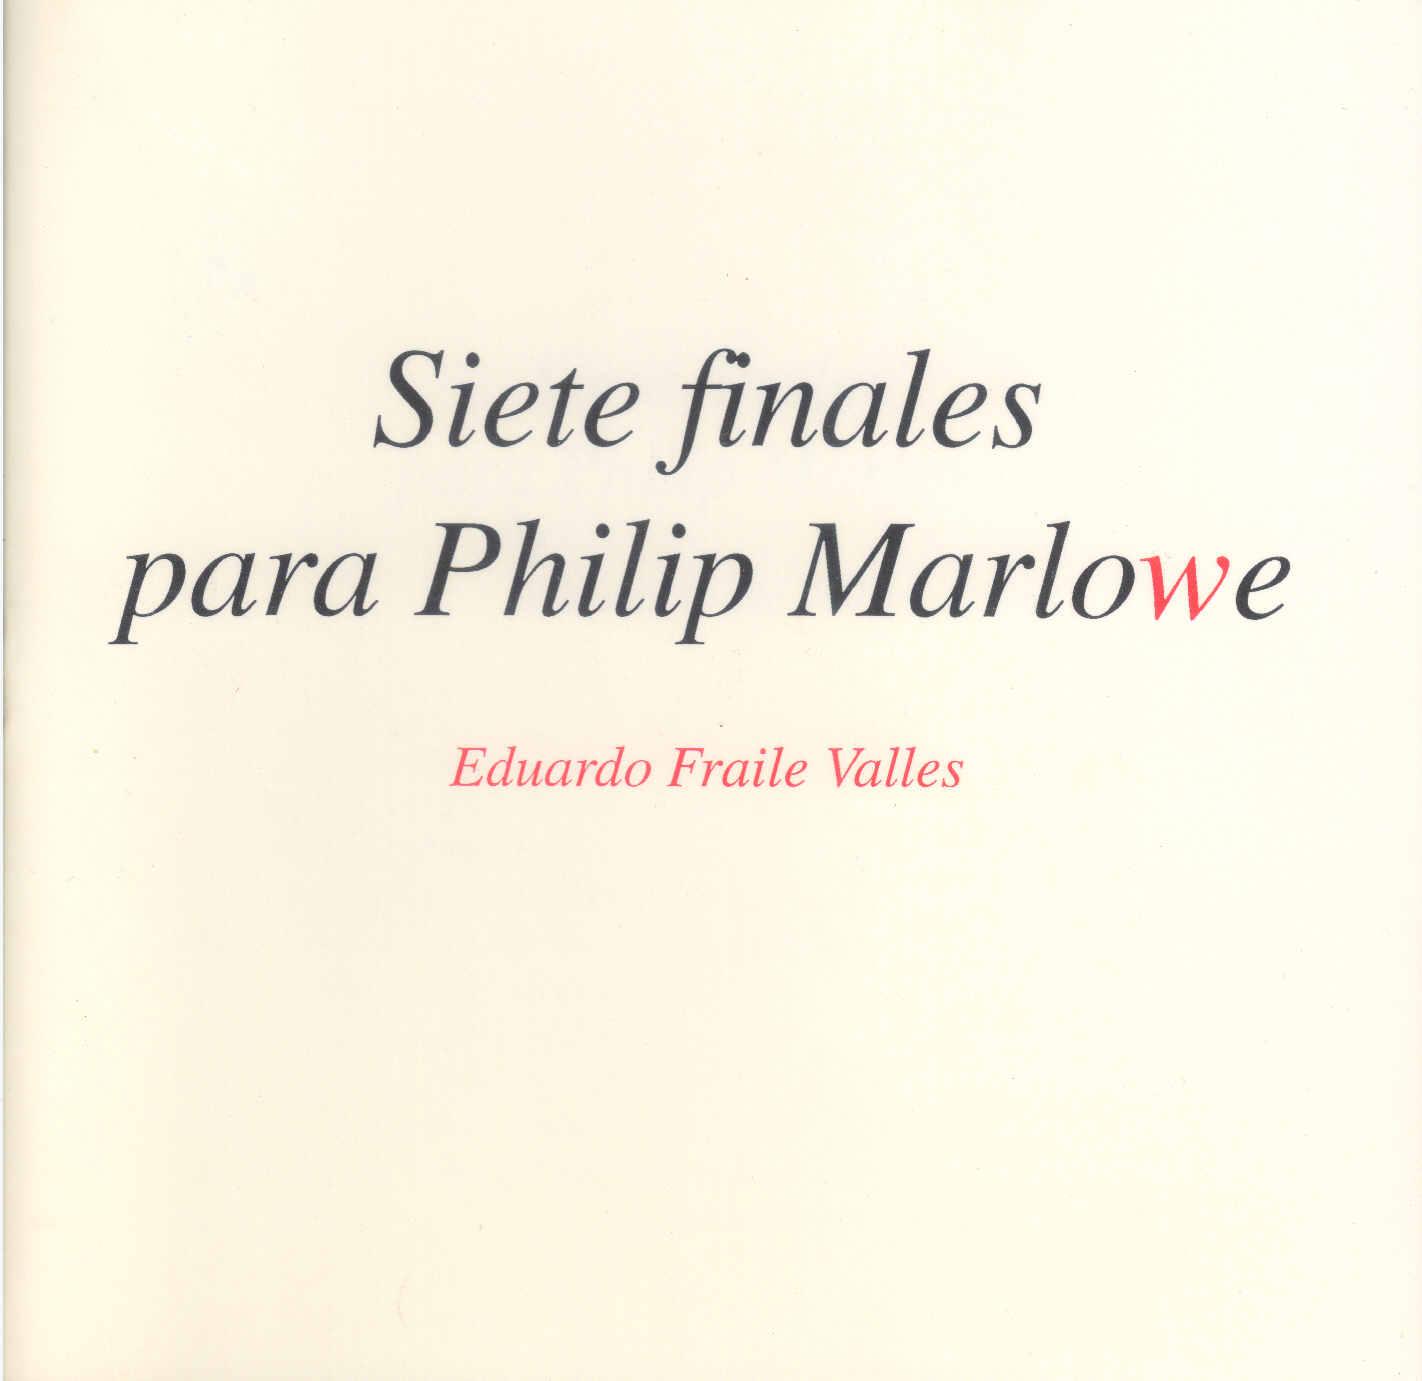 Siete finales para Philip Marlowe